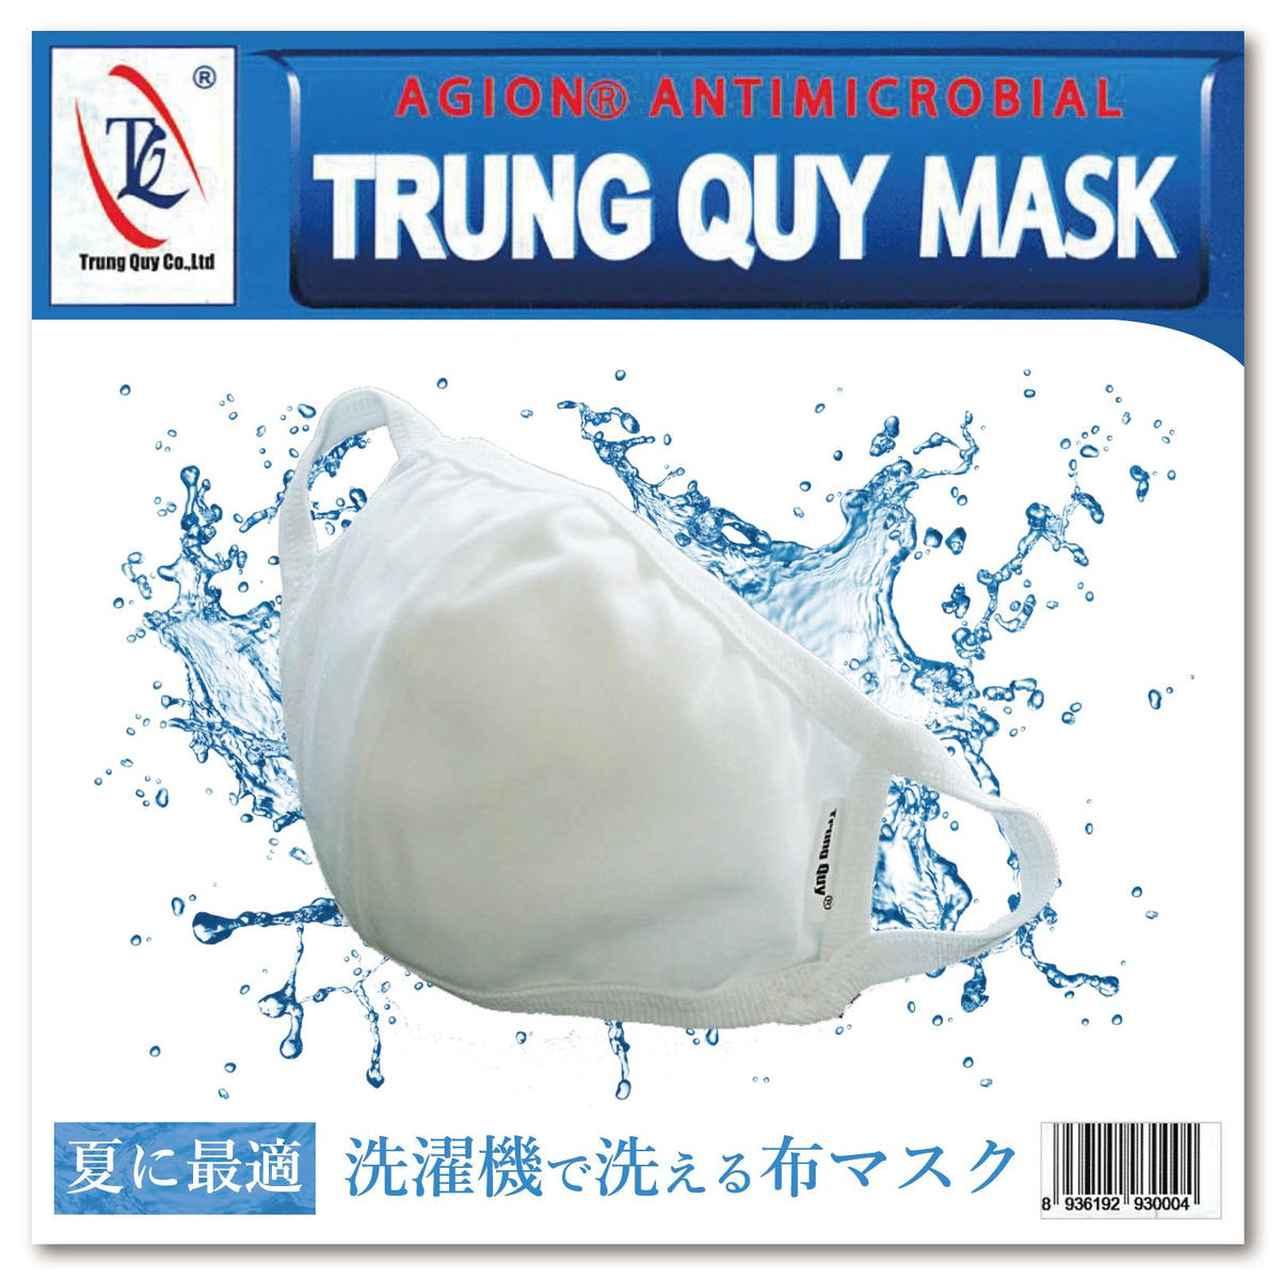 画像: 夏に最適!洗濯機でも洗える布マスク「スーパーフィットNANO」2枚入りお試しセット [二層構造 抗菌 低刺激 ソフトストラップ]